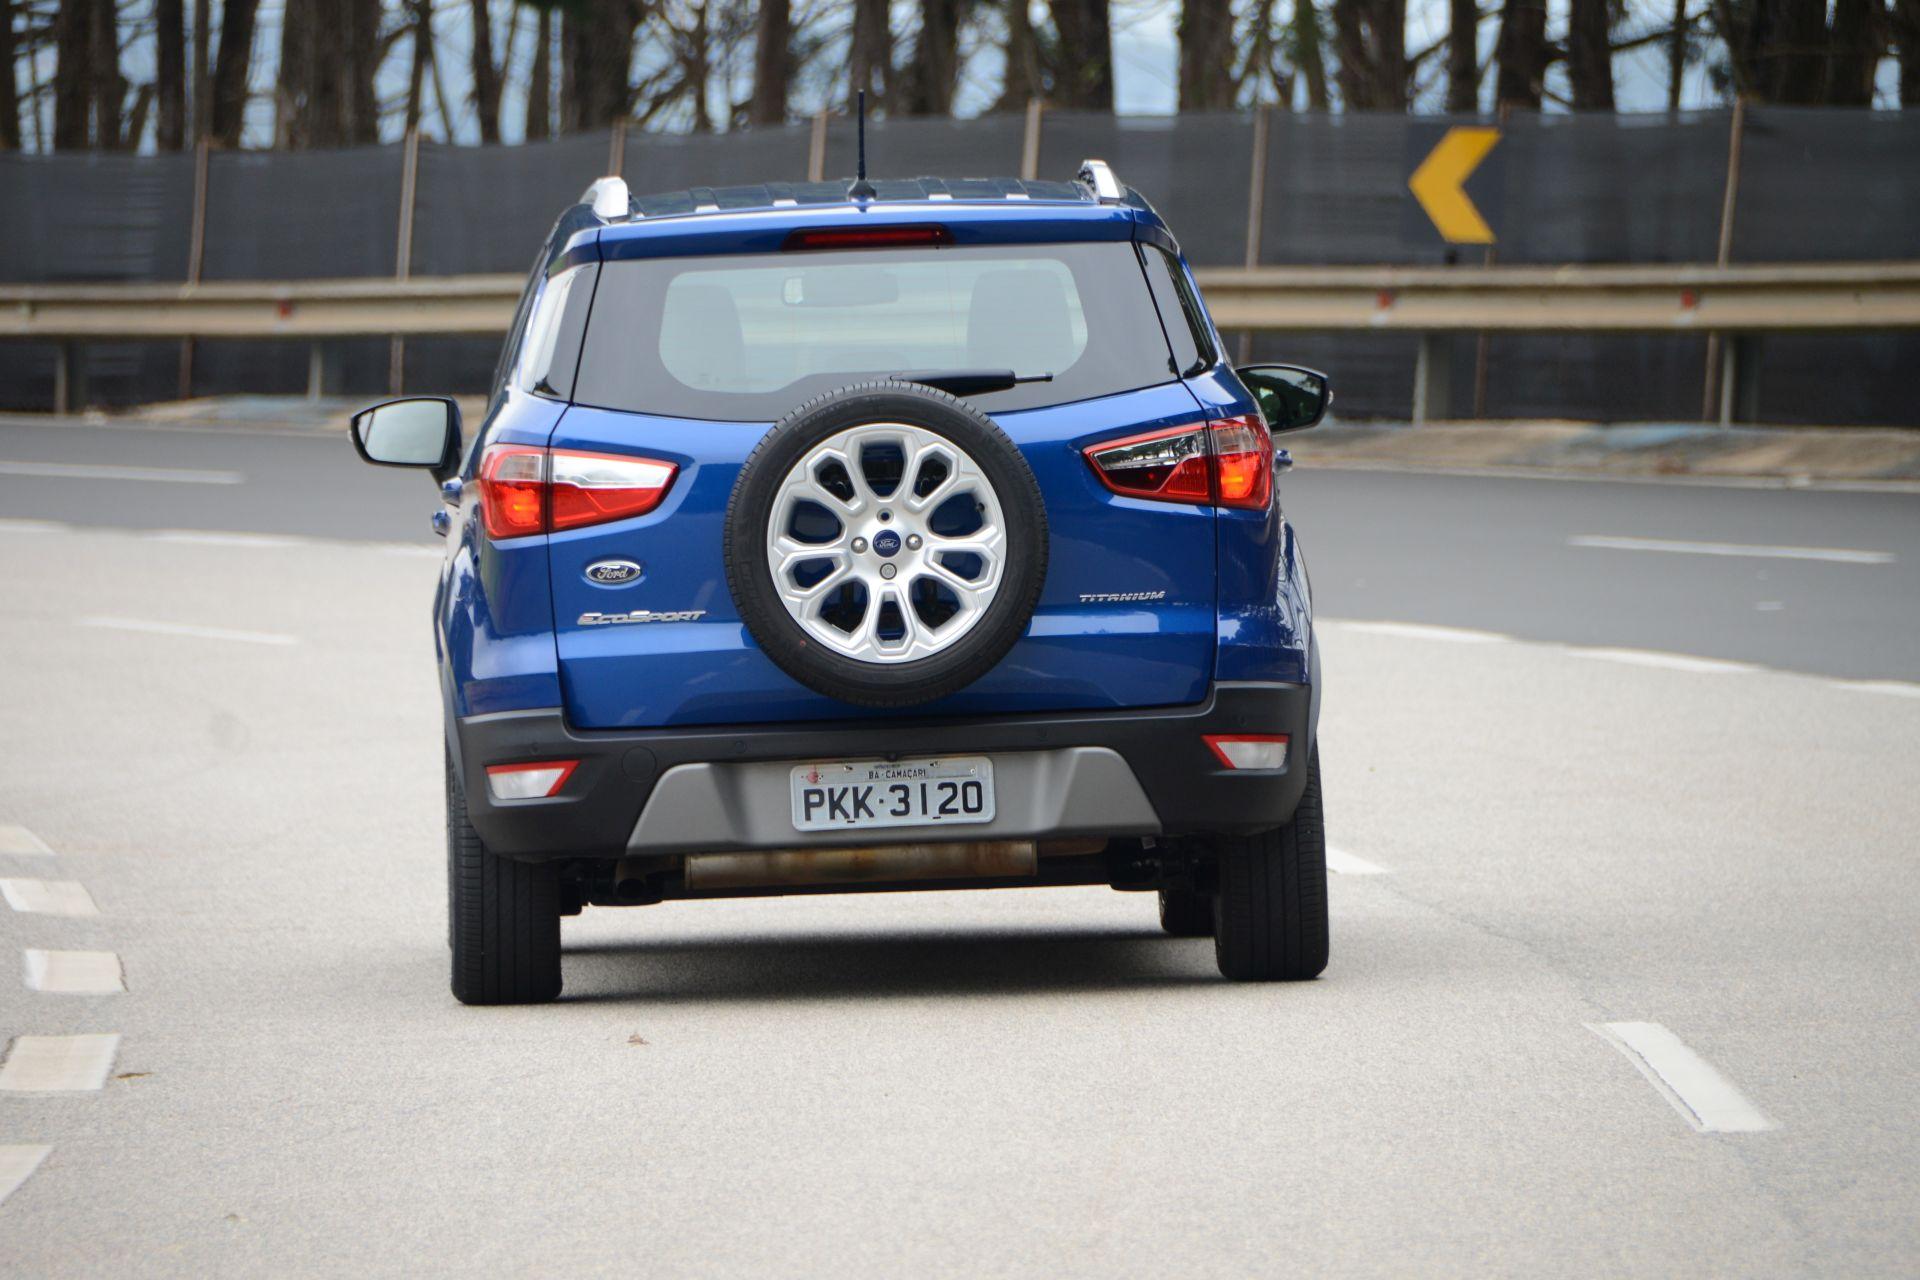 Ford EcoSport 2018 e 2019 é convocado para recall do software do módulo de controle do motor. Problema pode fazer o propulsor de 21 mil unidades parar sozinho.